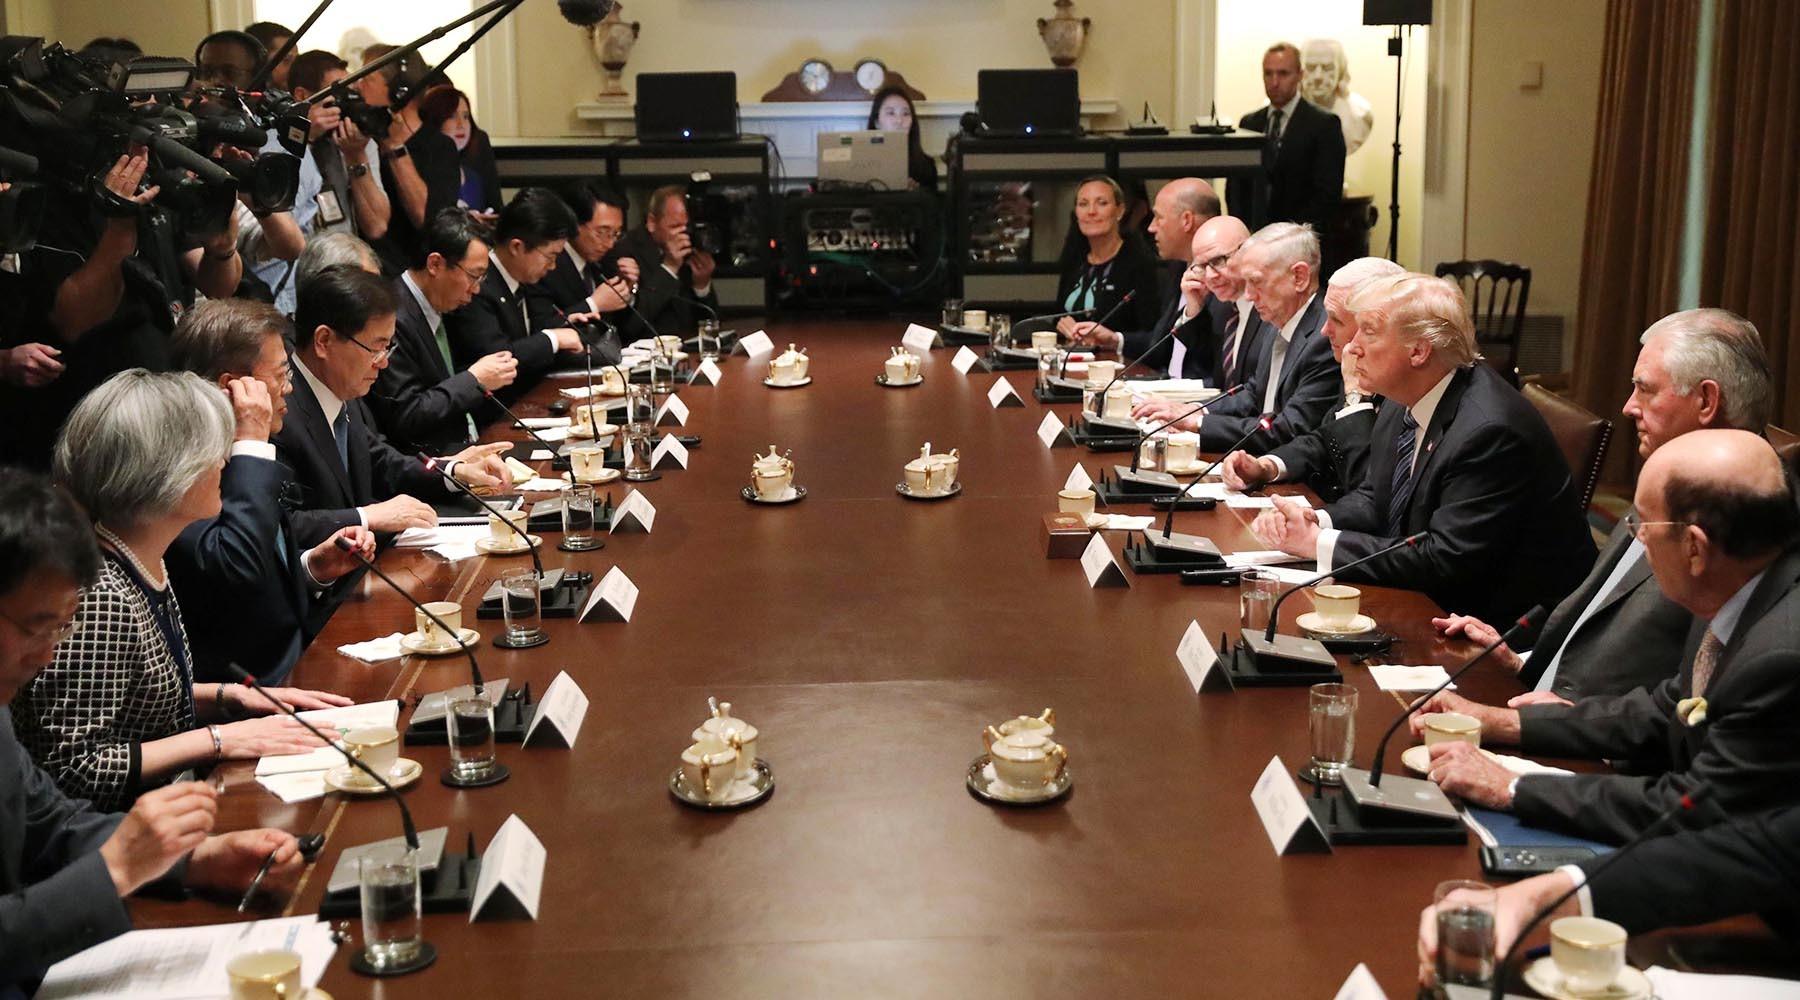 Диалог с пристрастием: Трамп добился важных уступок от президента Южной Кореи